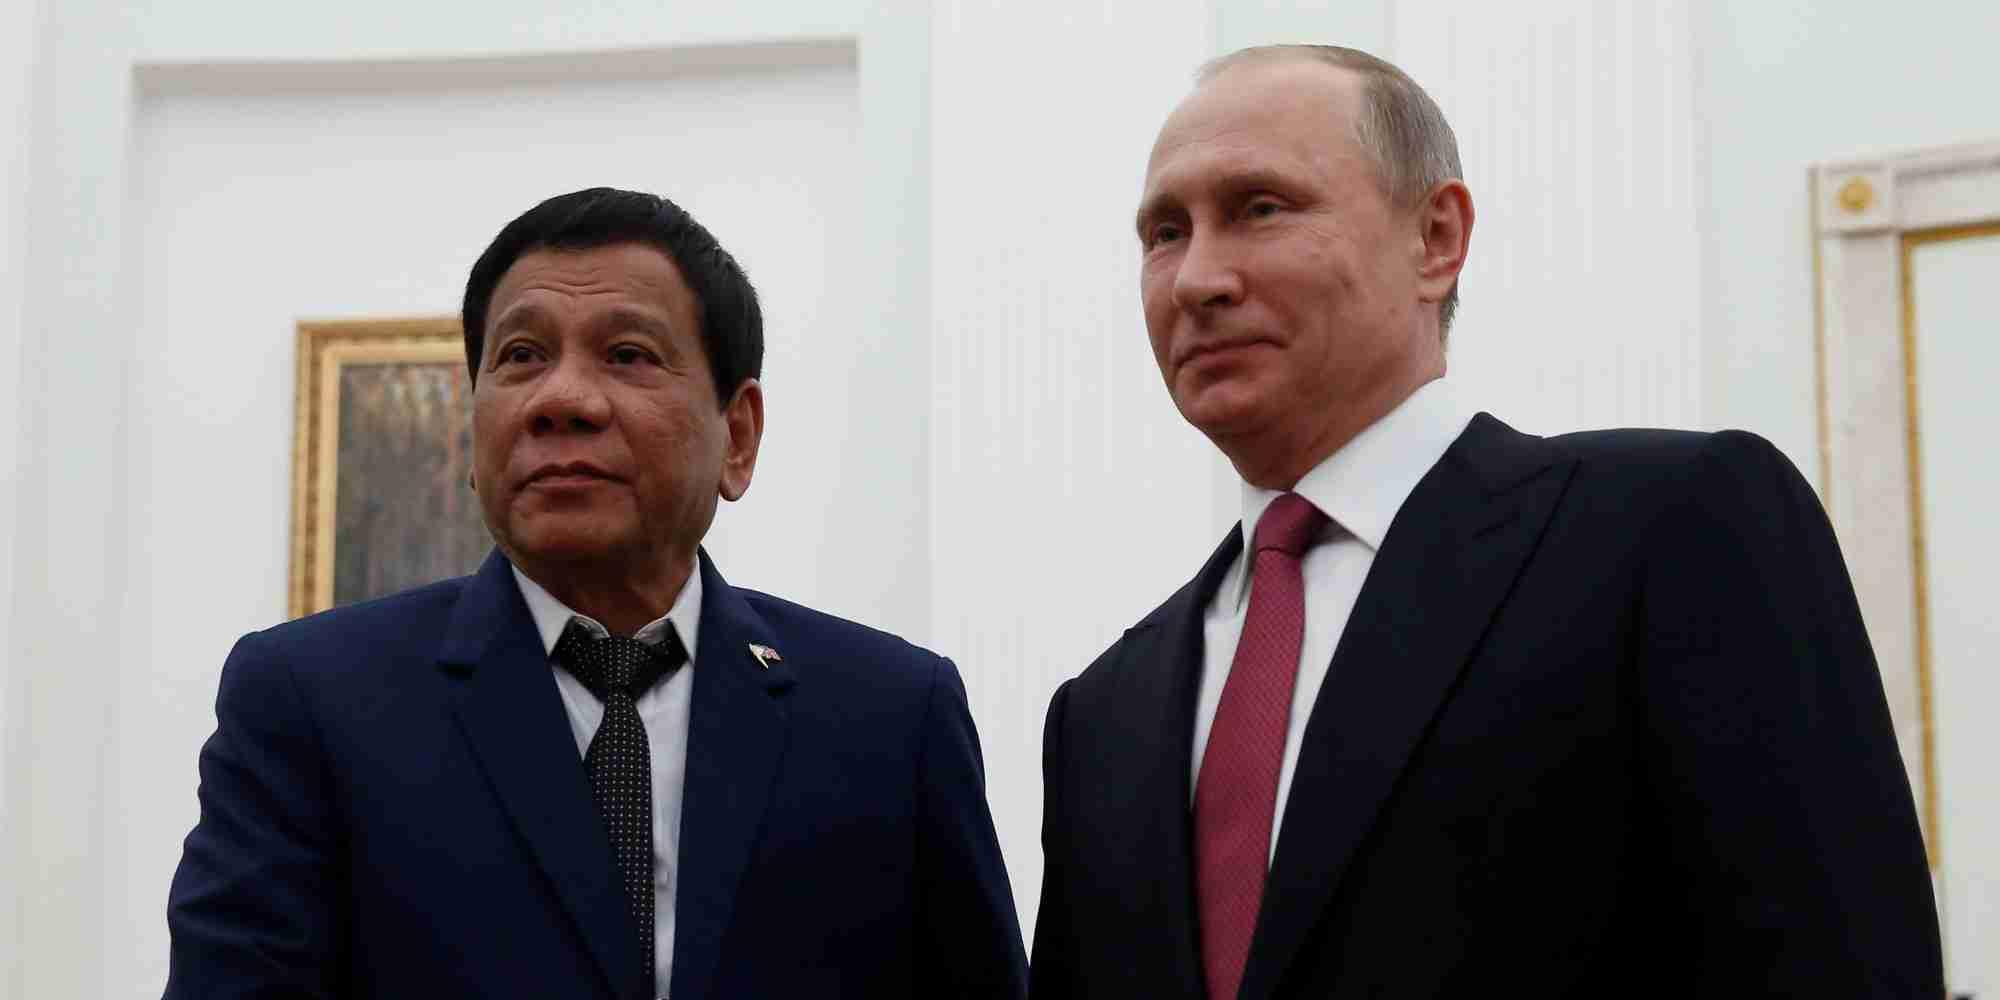 ドゥテルテ大統領がフィリピン南部に戒厳令 政府軍とイスラム過激組織の衝突で